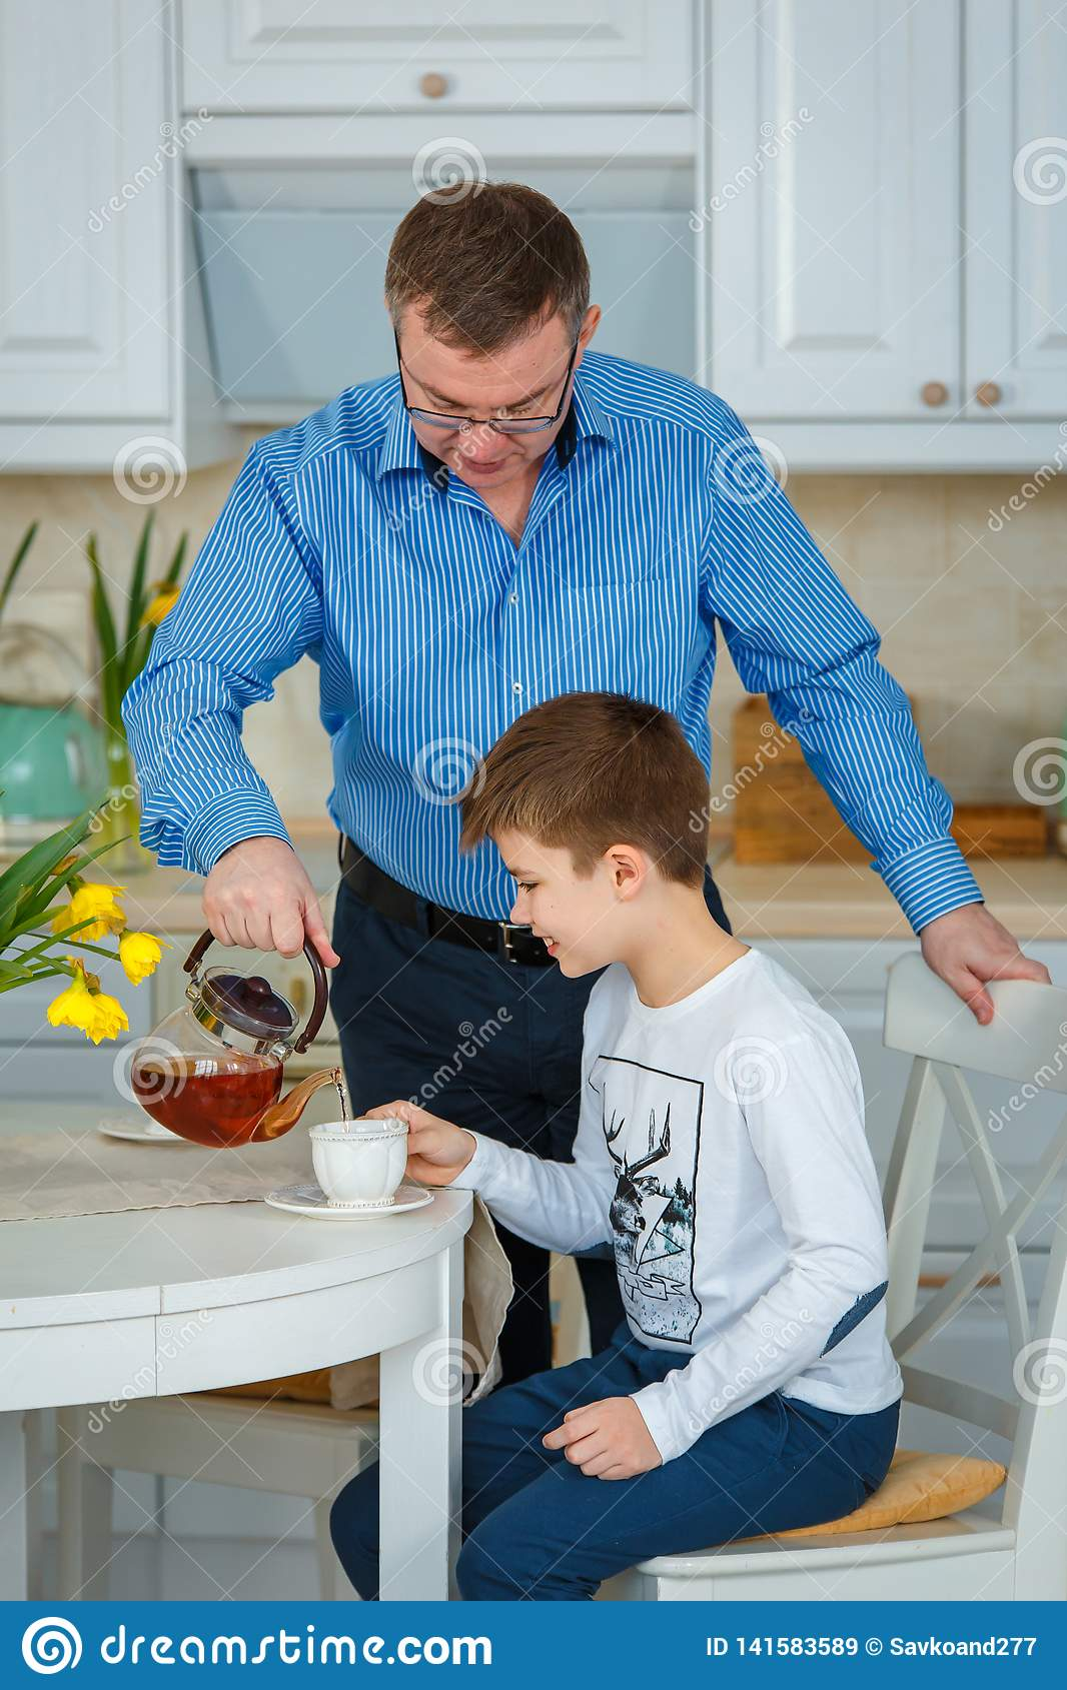 Thé de matin Le père verse le thé